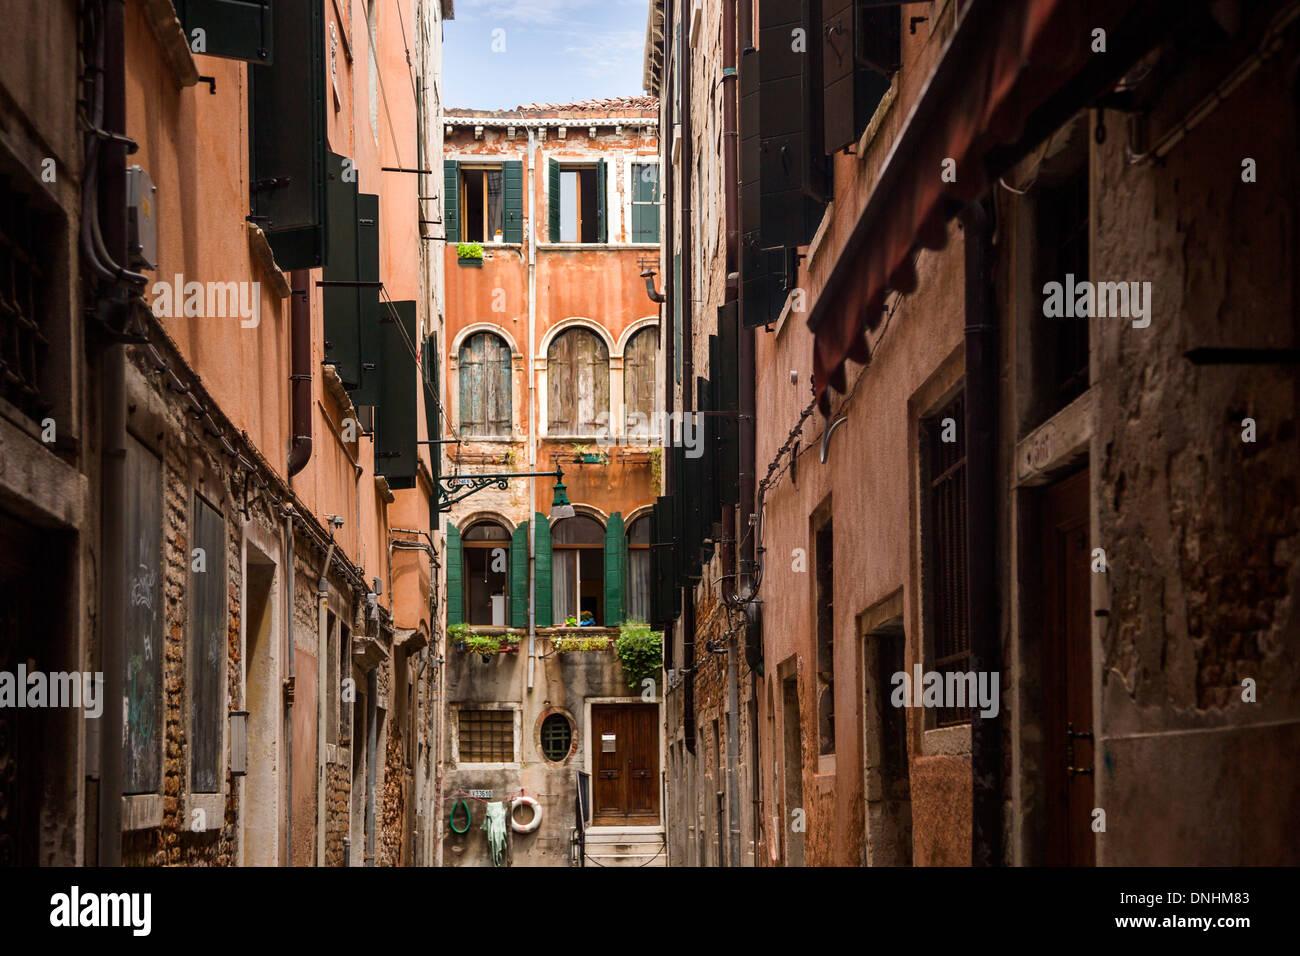 Los edificios a lo largo de una calle, Venecia, Véneto, Italia Foto de stock